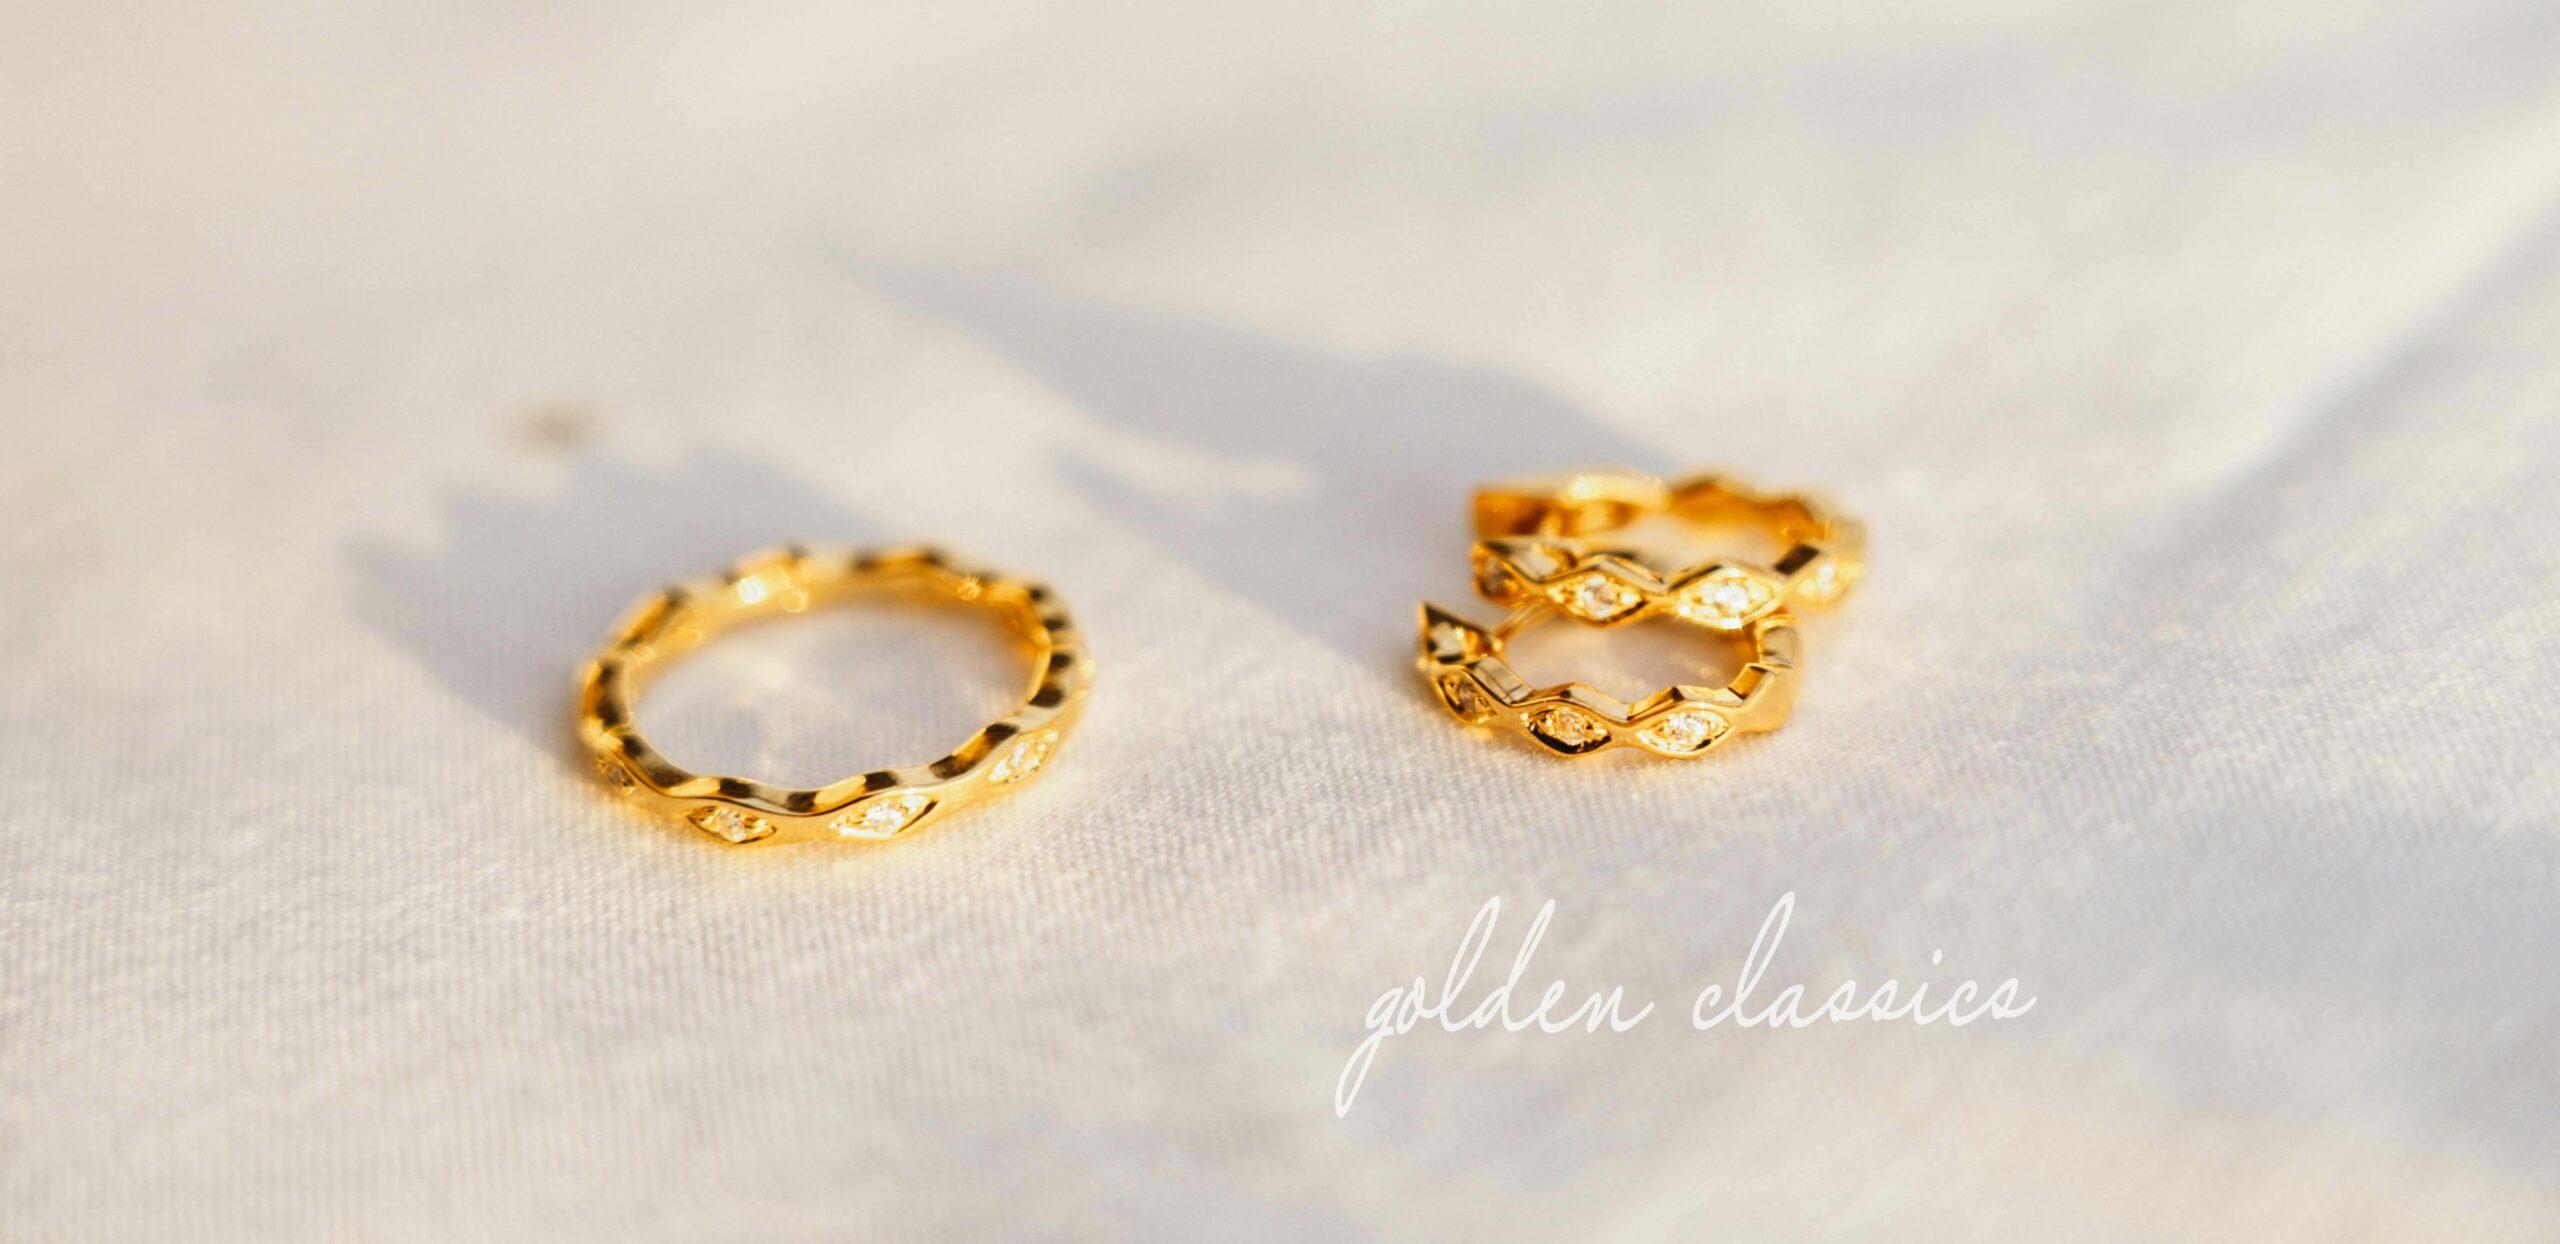 VIVENTY Silberschmuck Kollektion golden classics